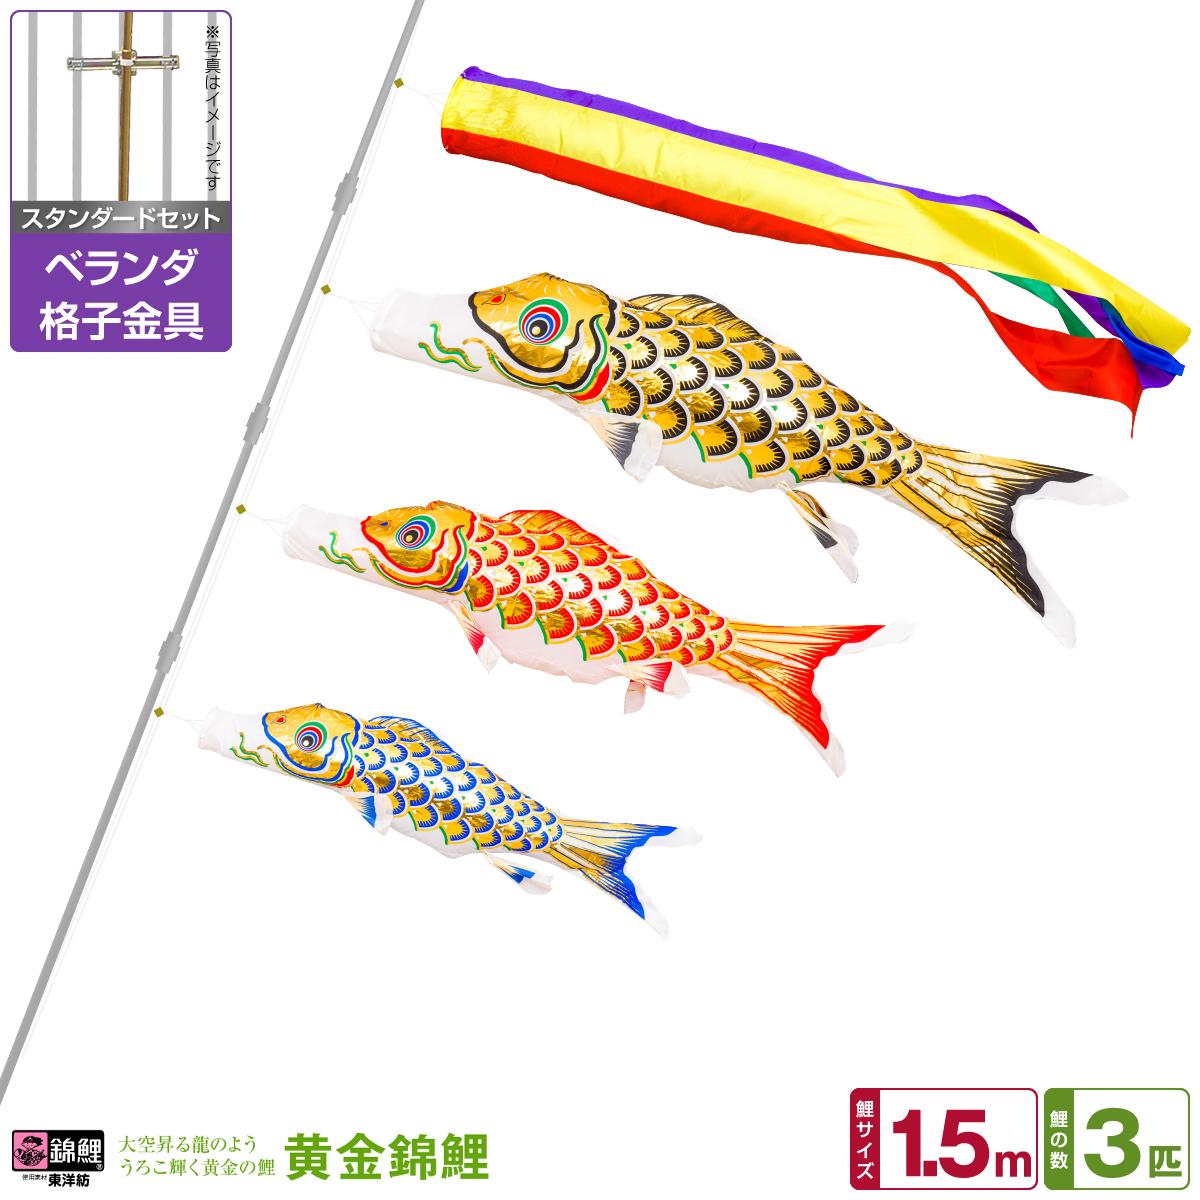 ベランダ用 こいのぼり 鯉のぼり 錦鯉 うろこ輝く黄金の鯉 黄金錦鯉 1.5m 6点(吹流し+鯉3匹+矢車+ロープ)/スタンダードセット(格子金具)